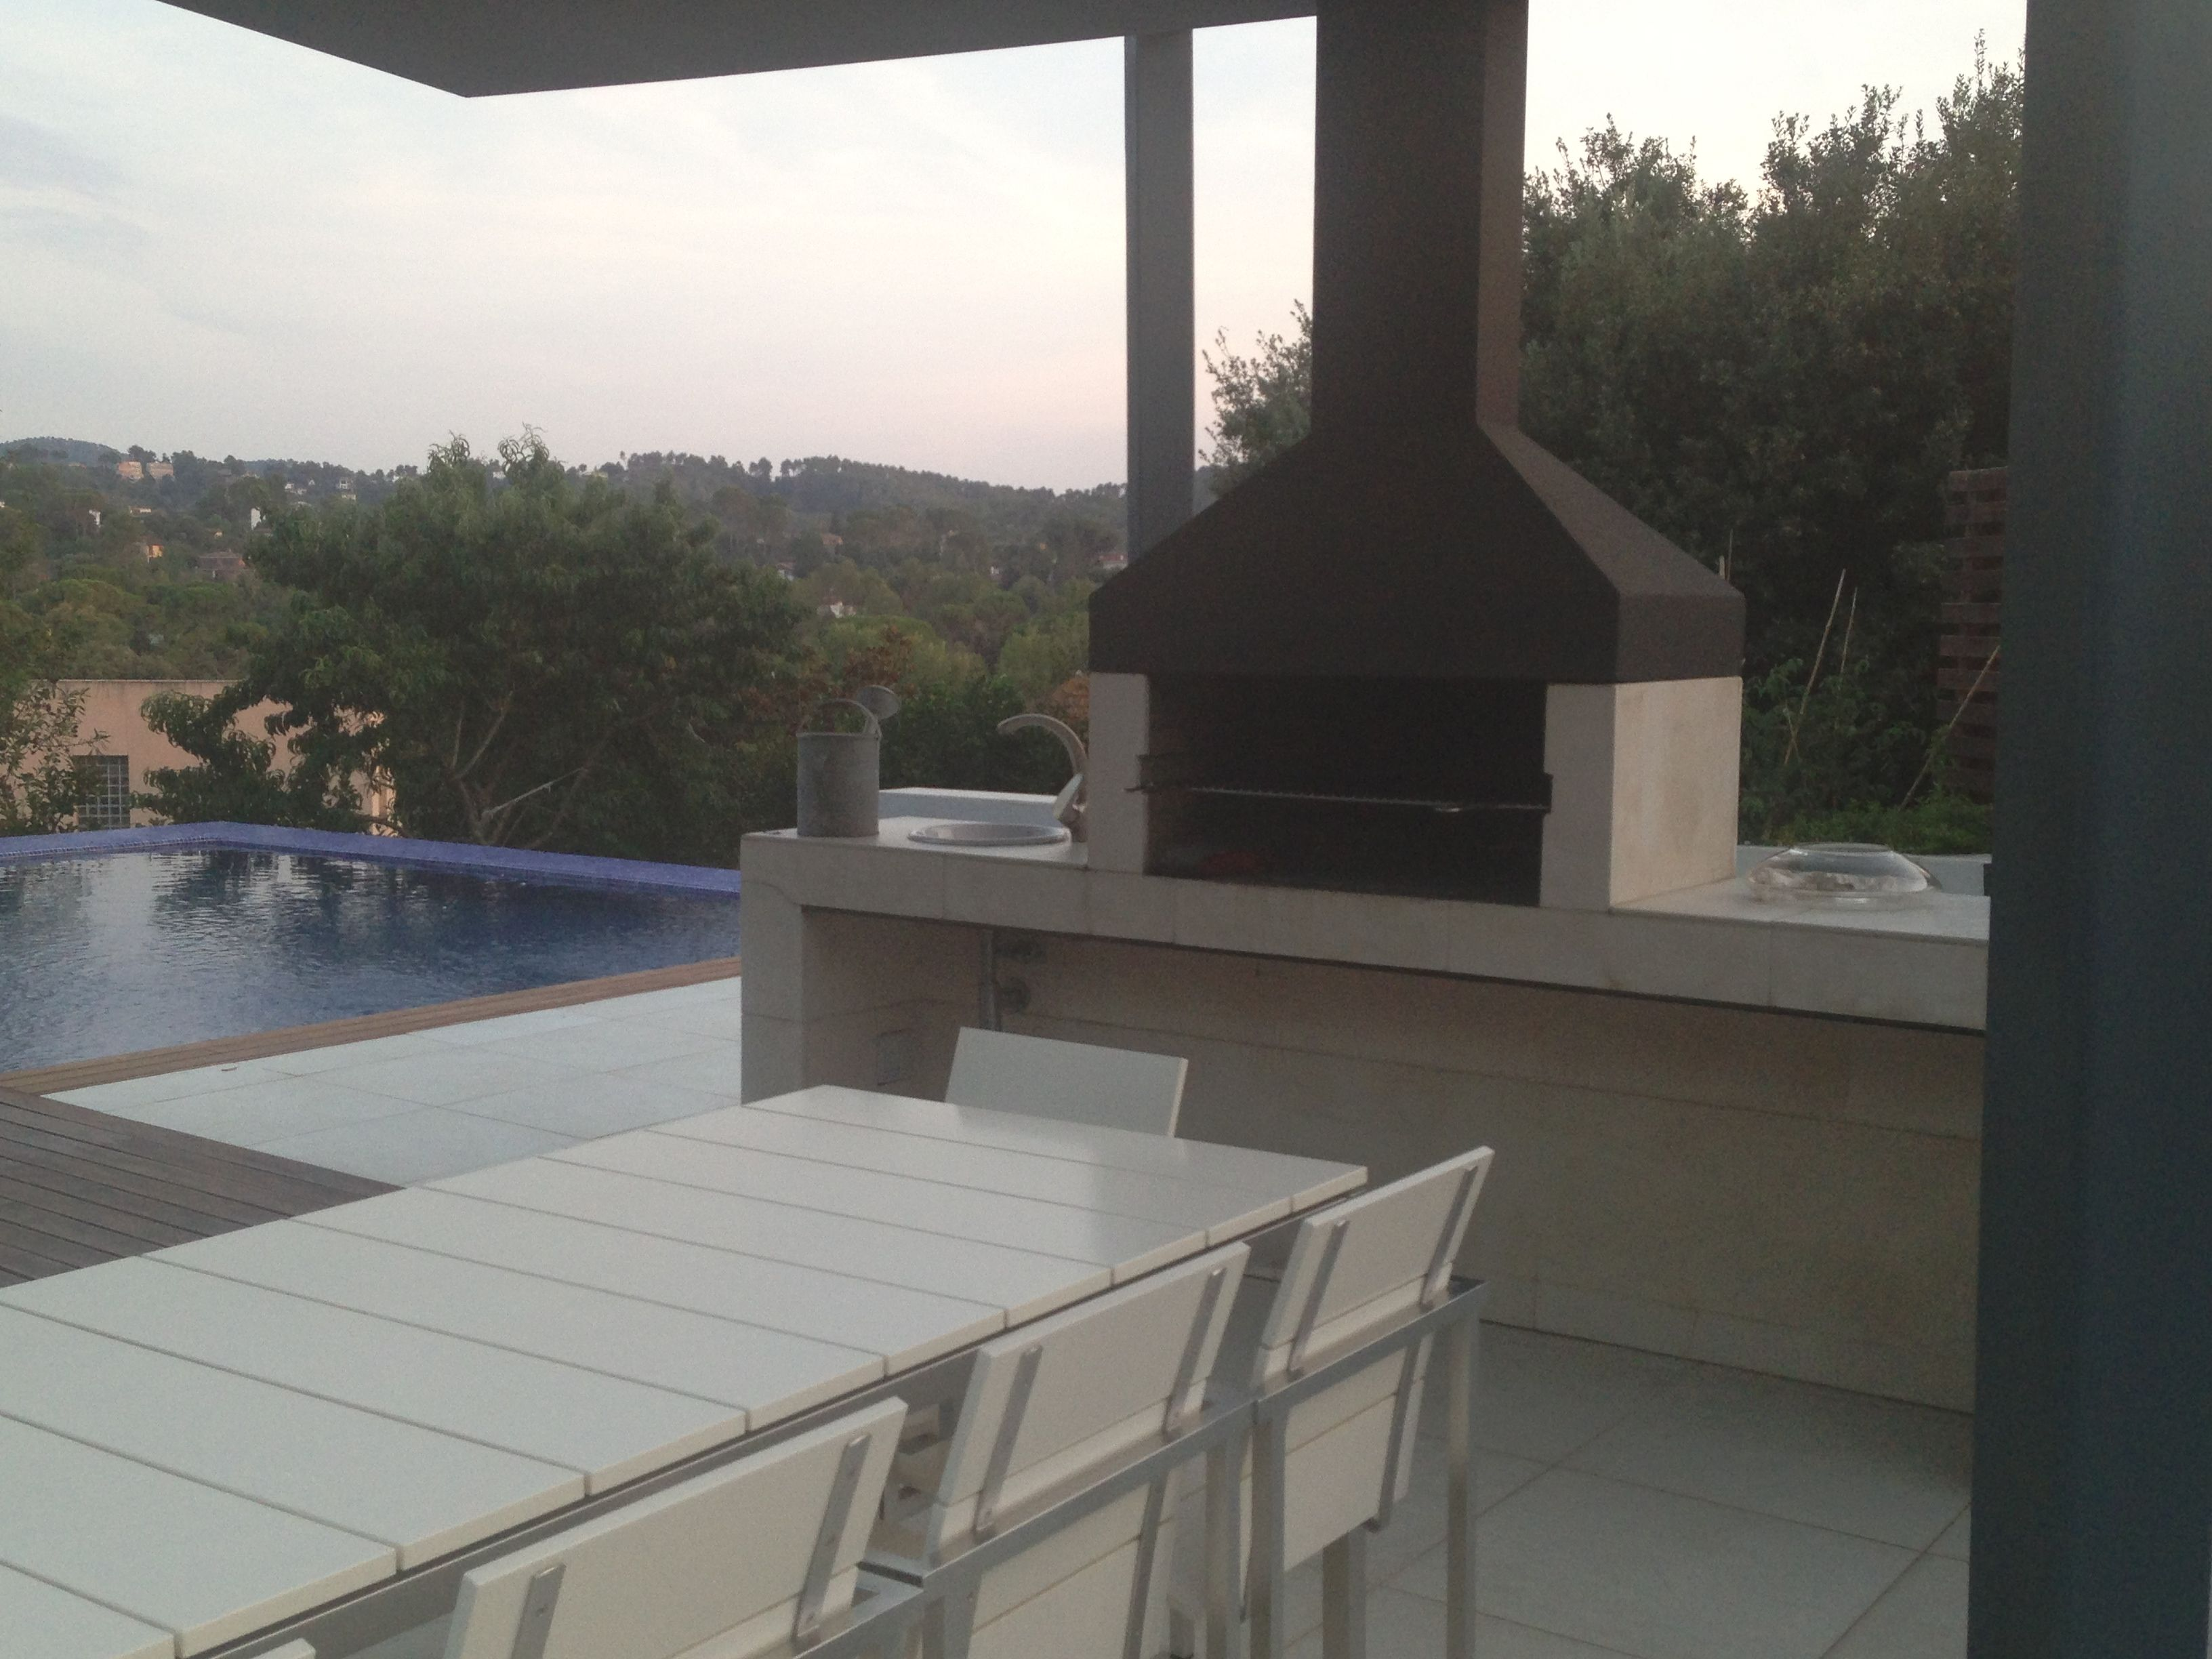 Barbacoa para disfrutar en el jardín | Parrillas y Quinchos ...